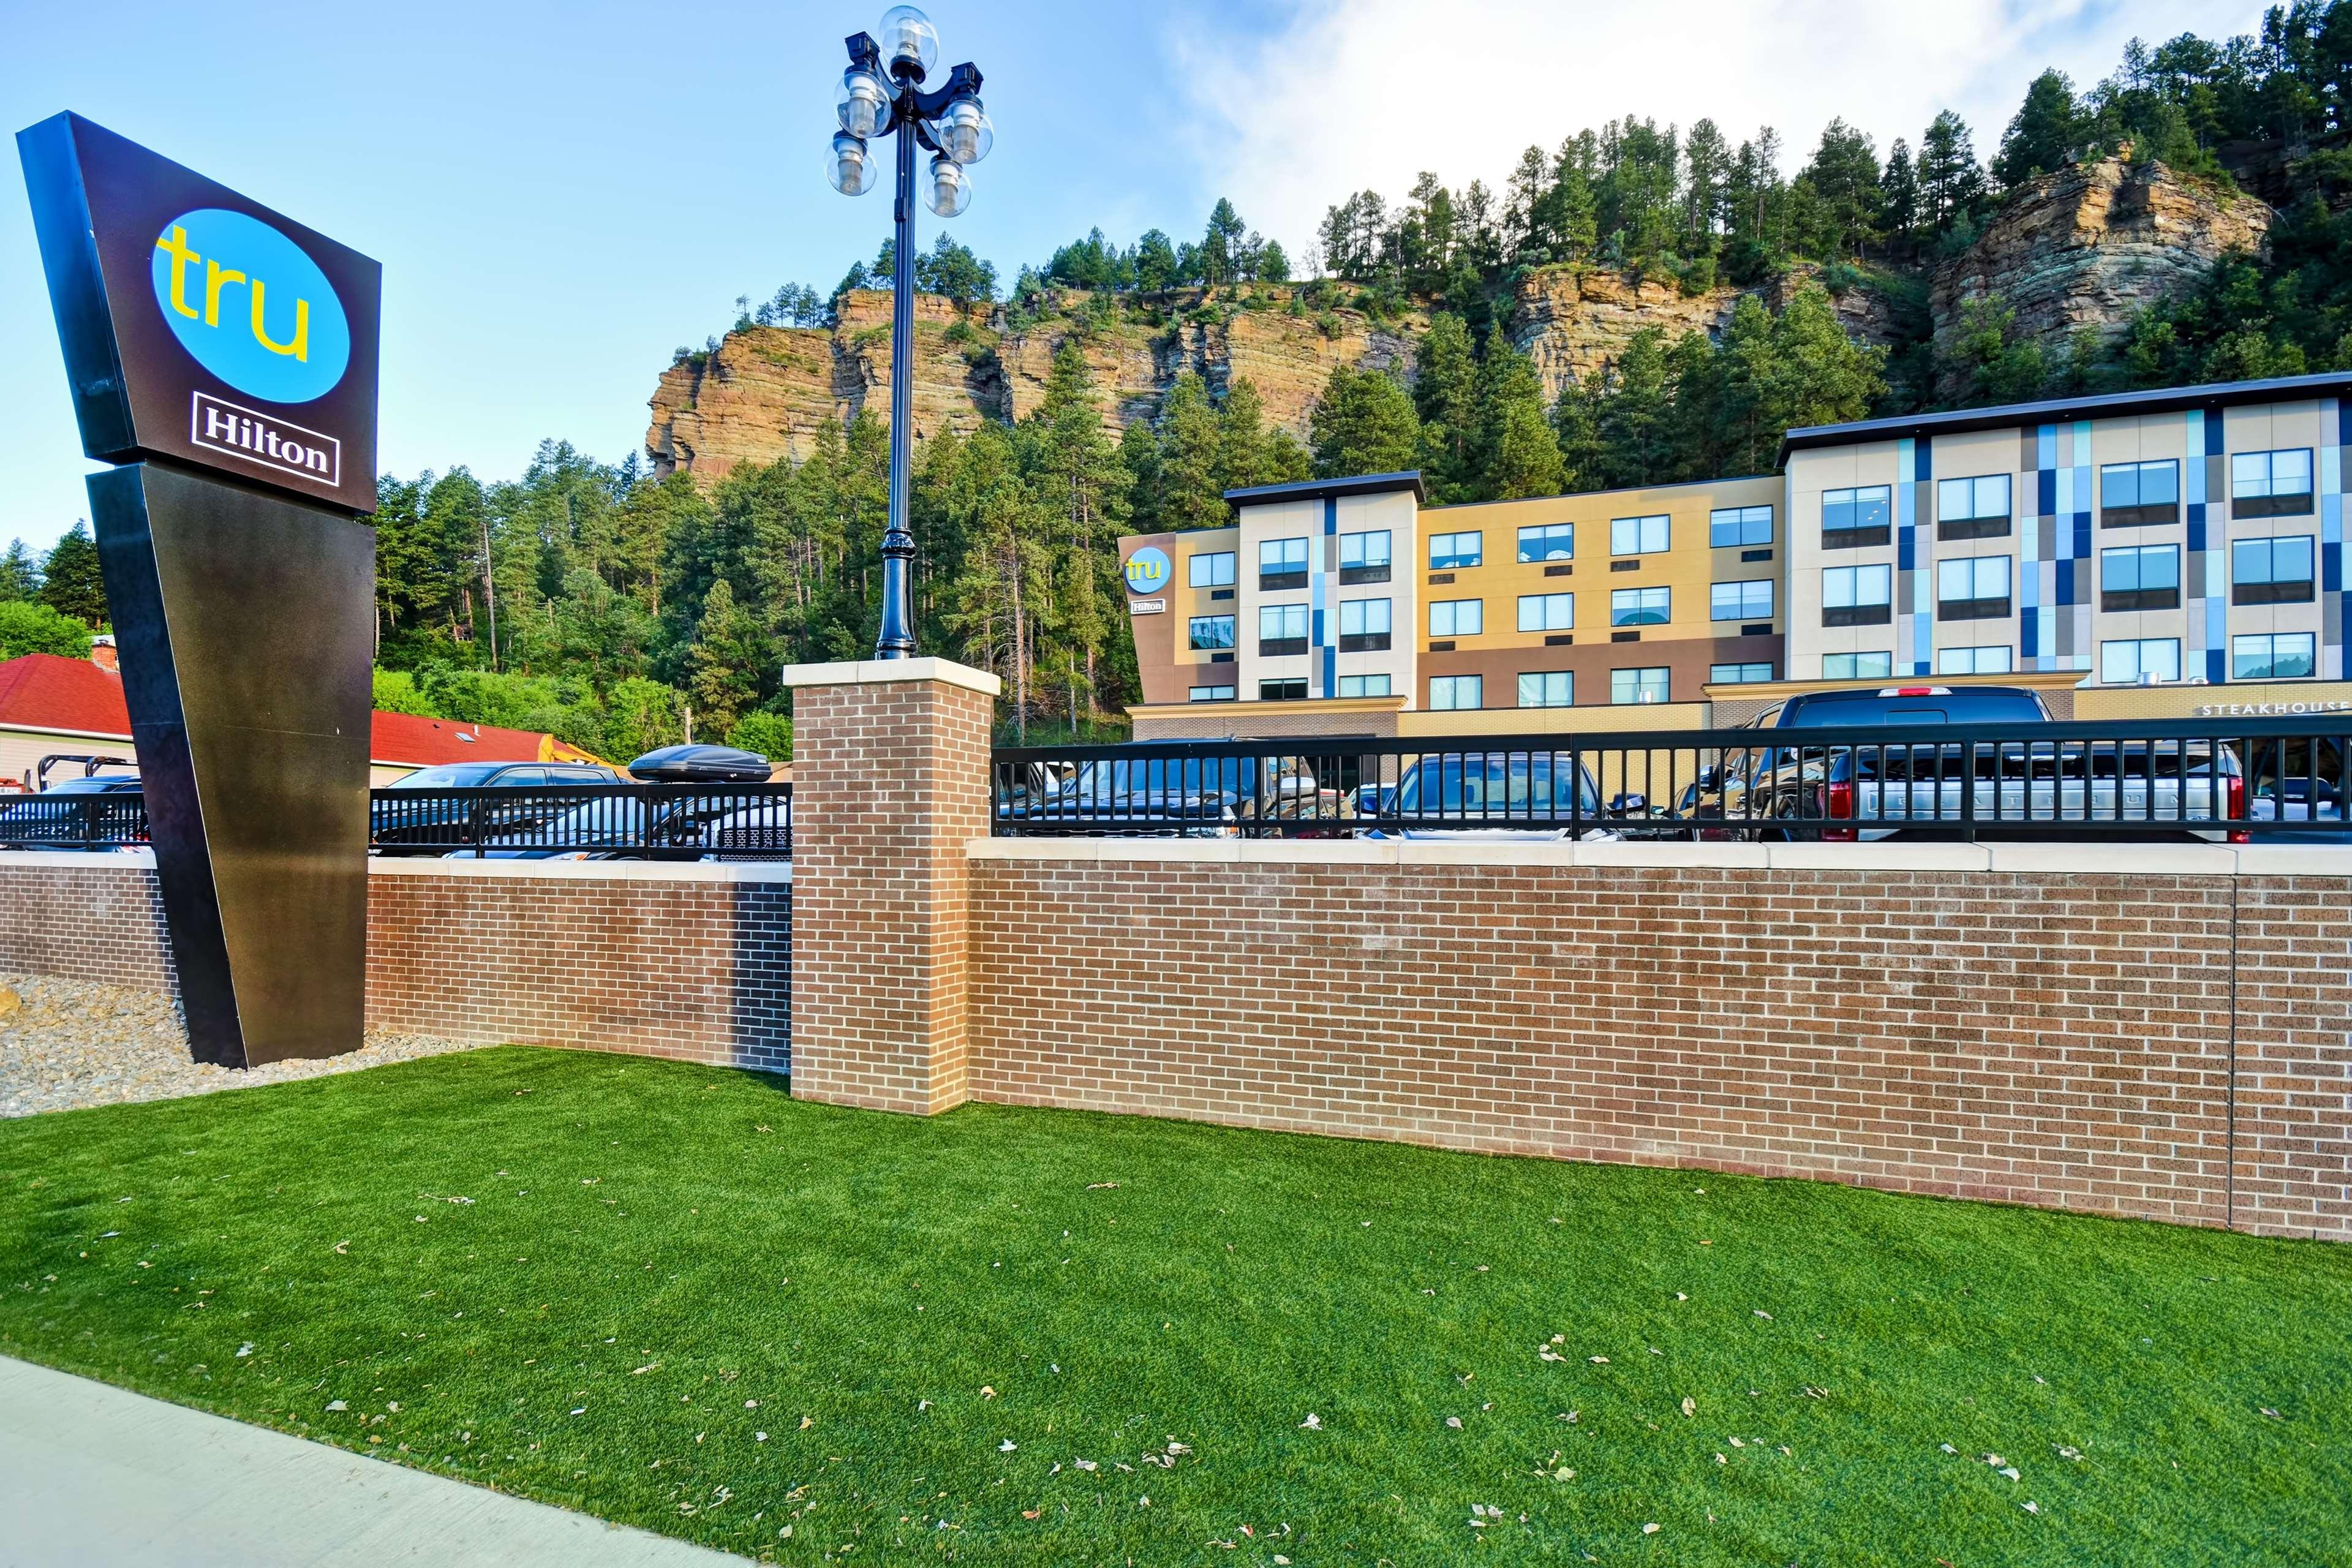 Tru by Hilton Deadwood image 5